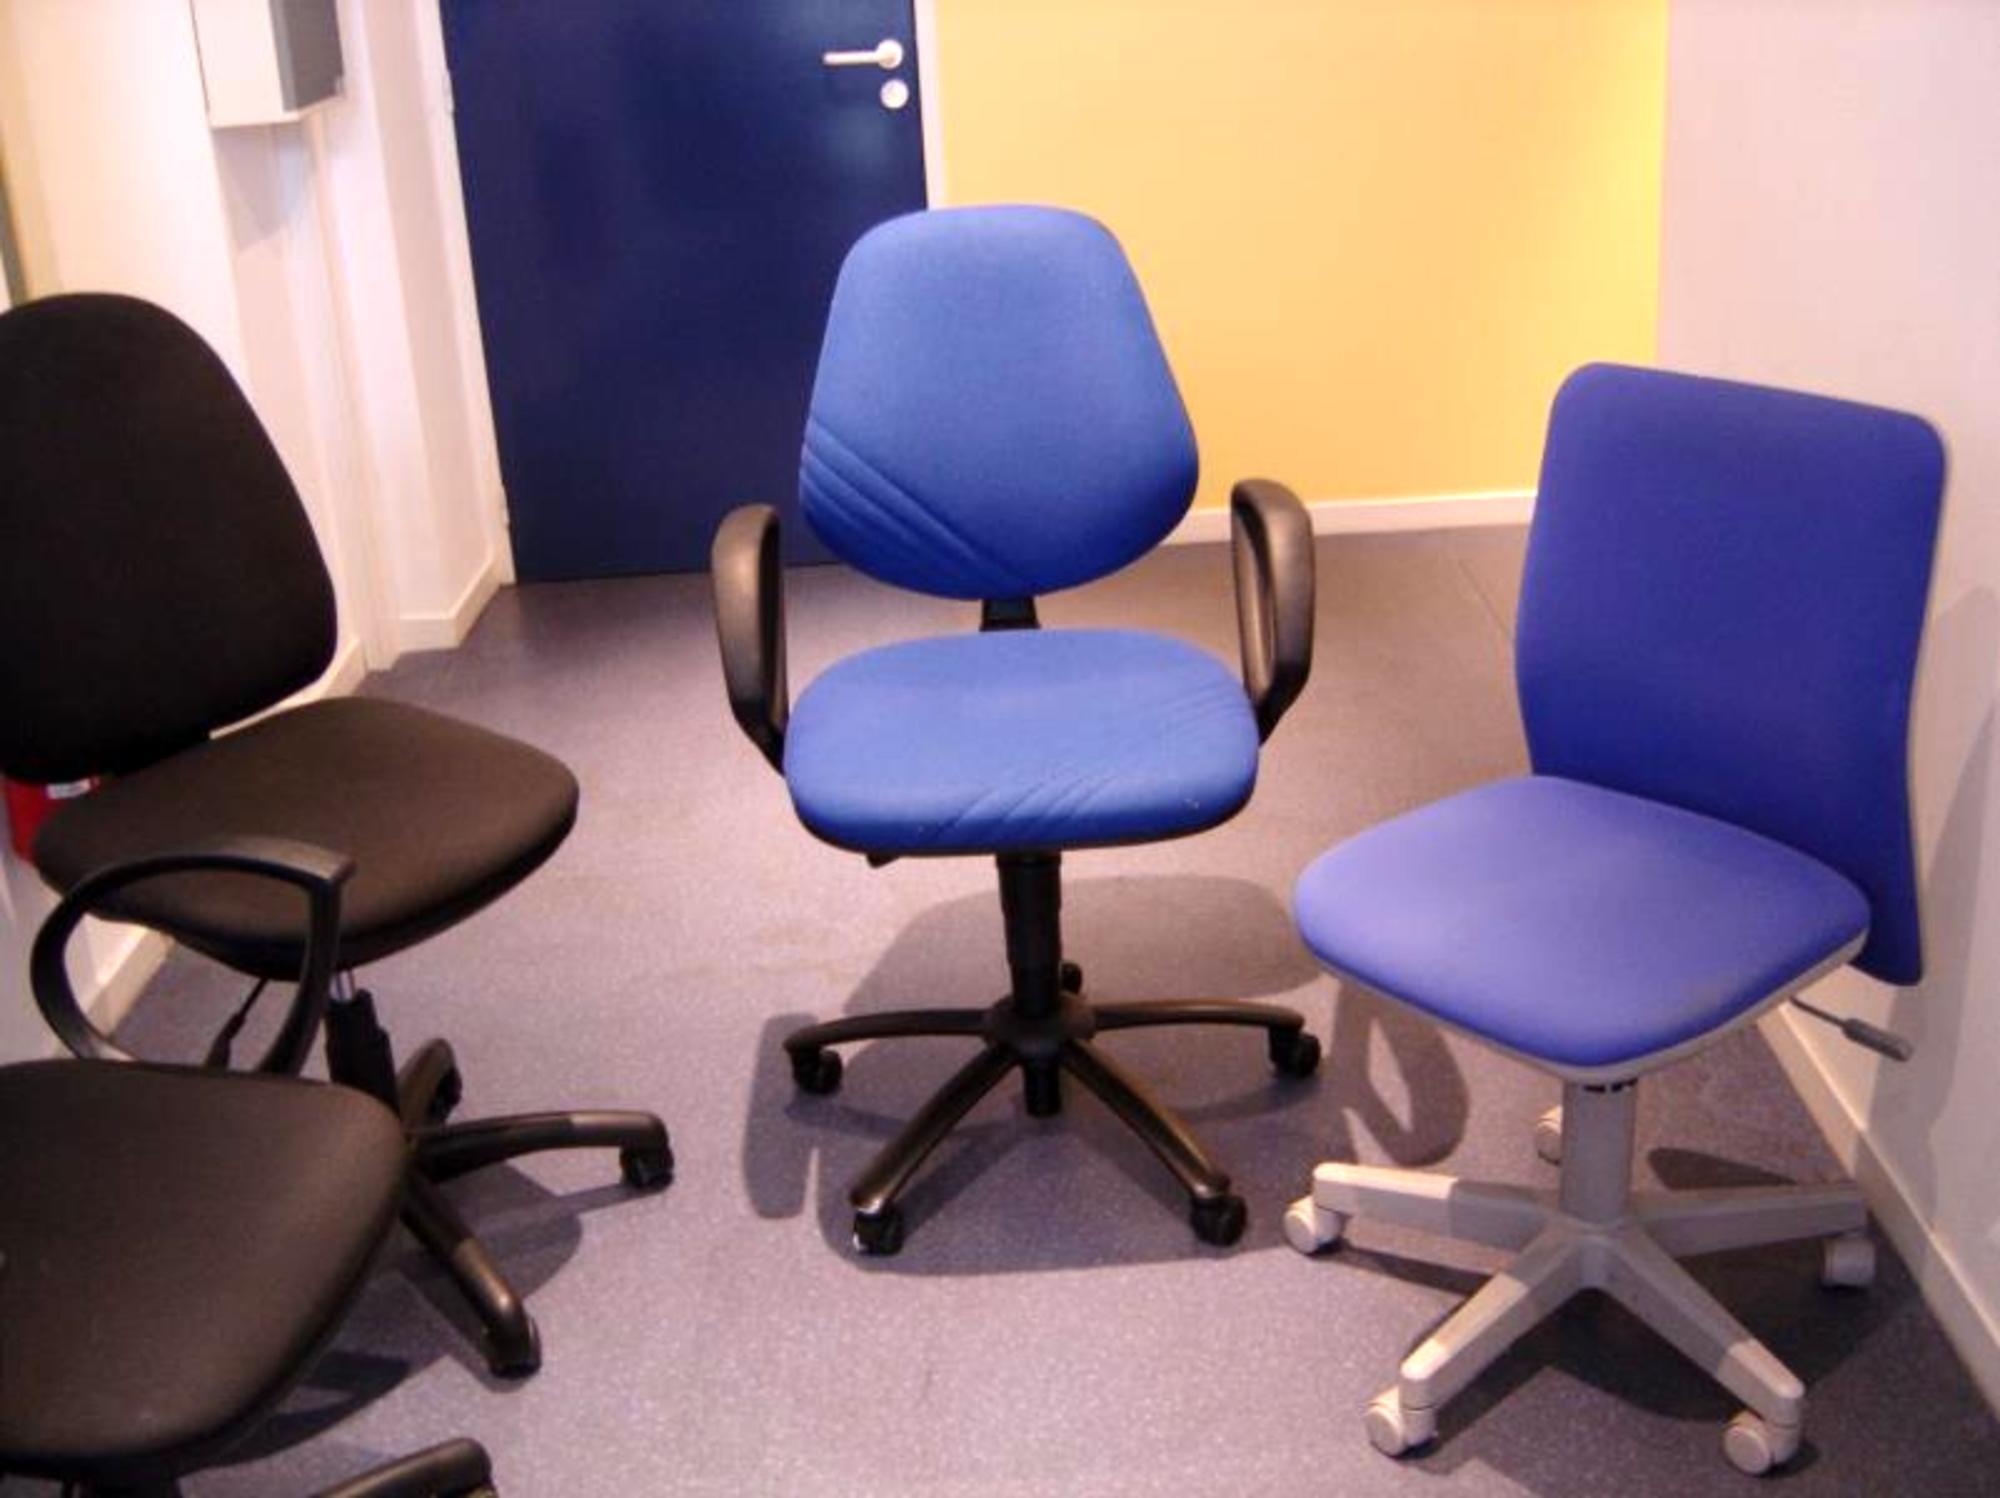 chaises de bureau au choix modeles varies tres belle qualite bleu marron noir fauteuil d. Black Bedroom Furniture Sets. Home Design Ideas